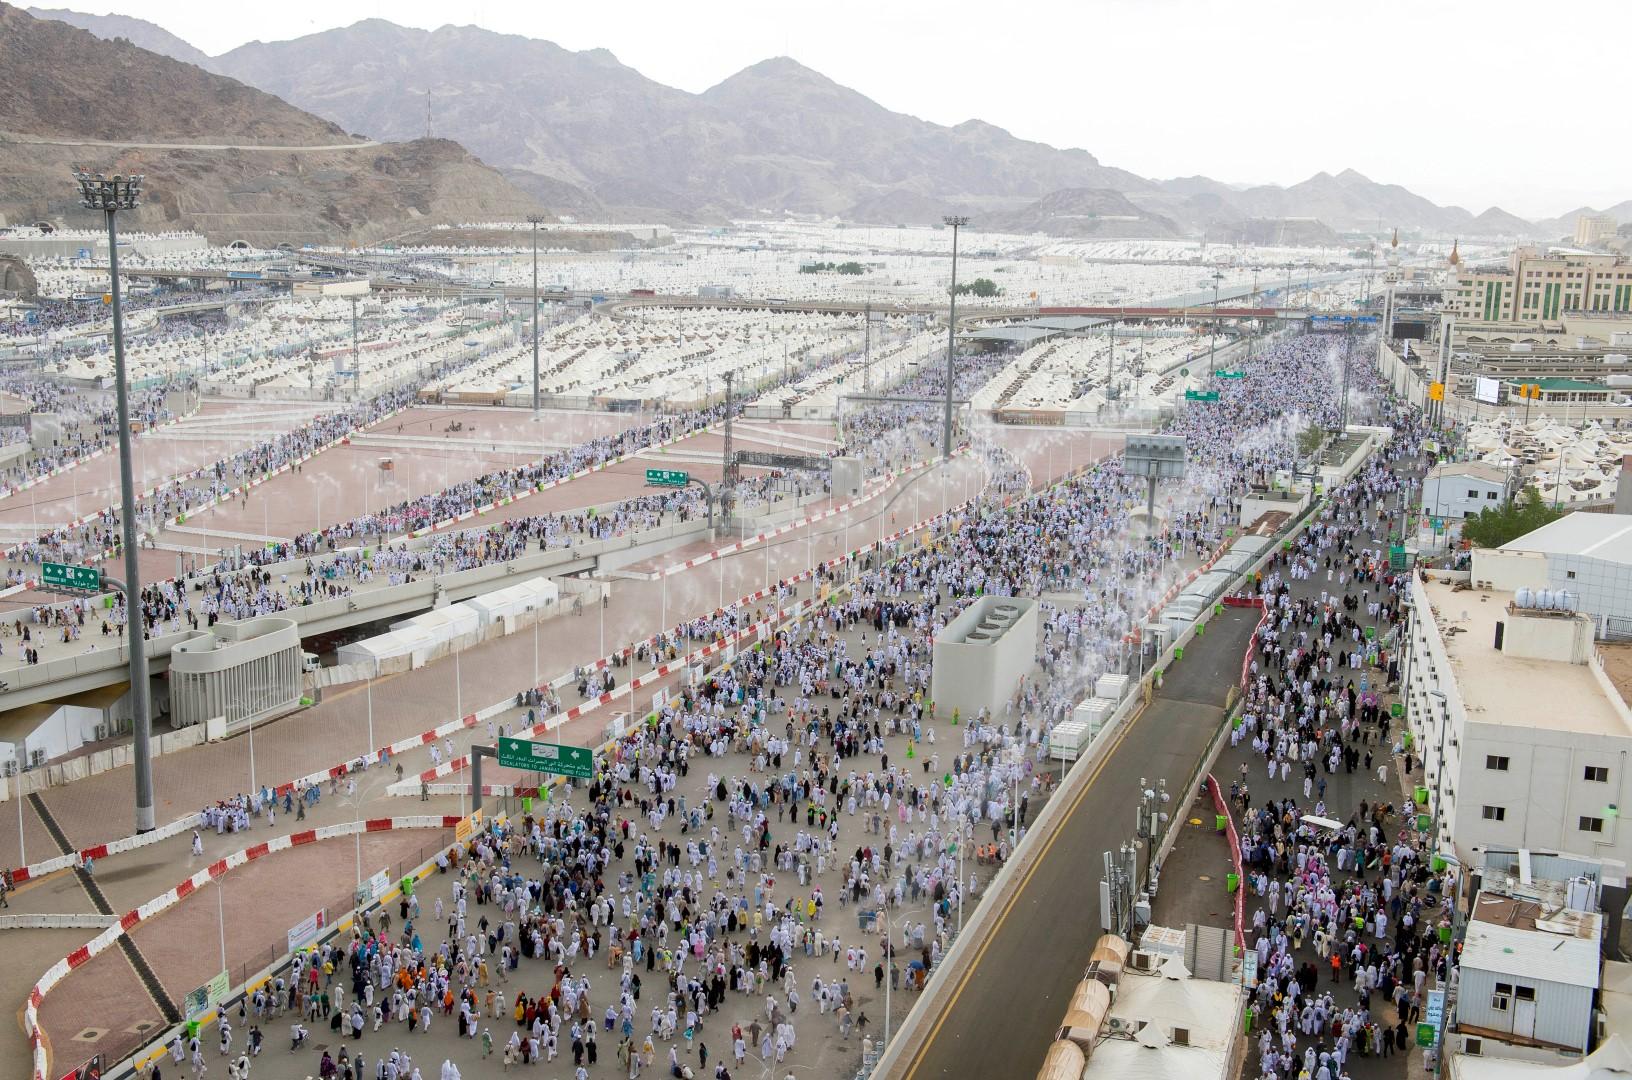 السعودية.. مشاريع تطويرية عملاقة شاهدة على خدمة ضيوف الرحمن